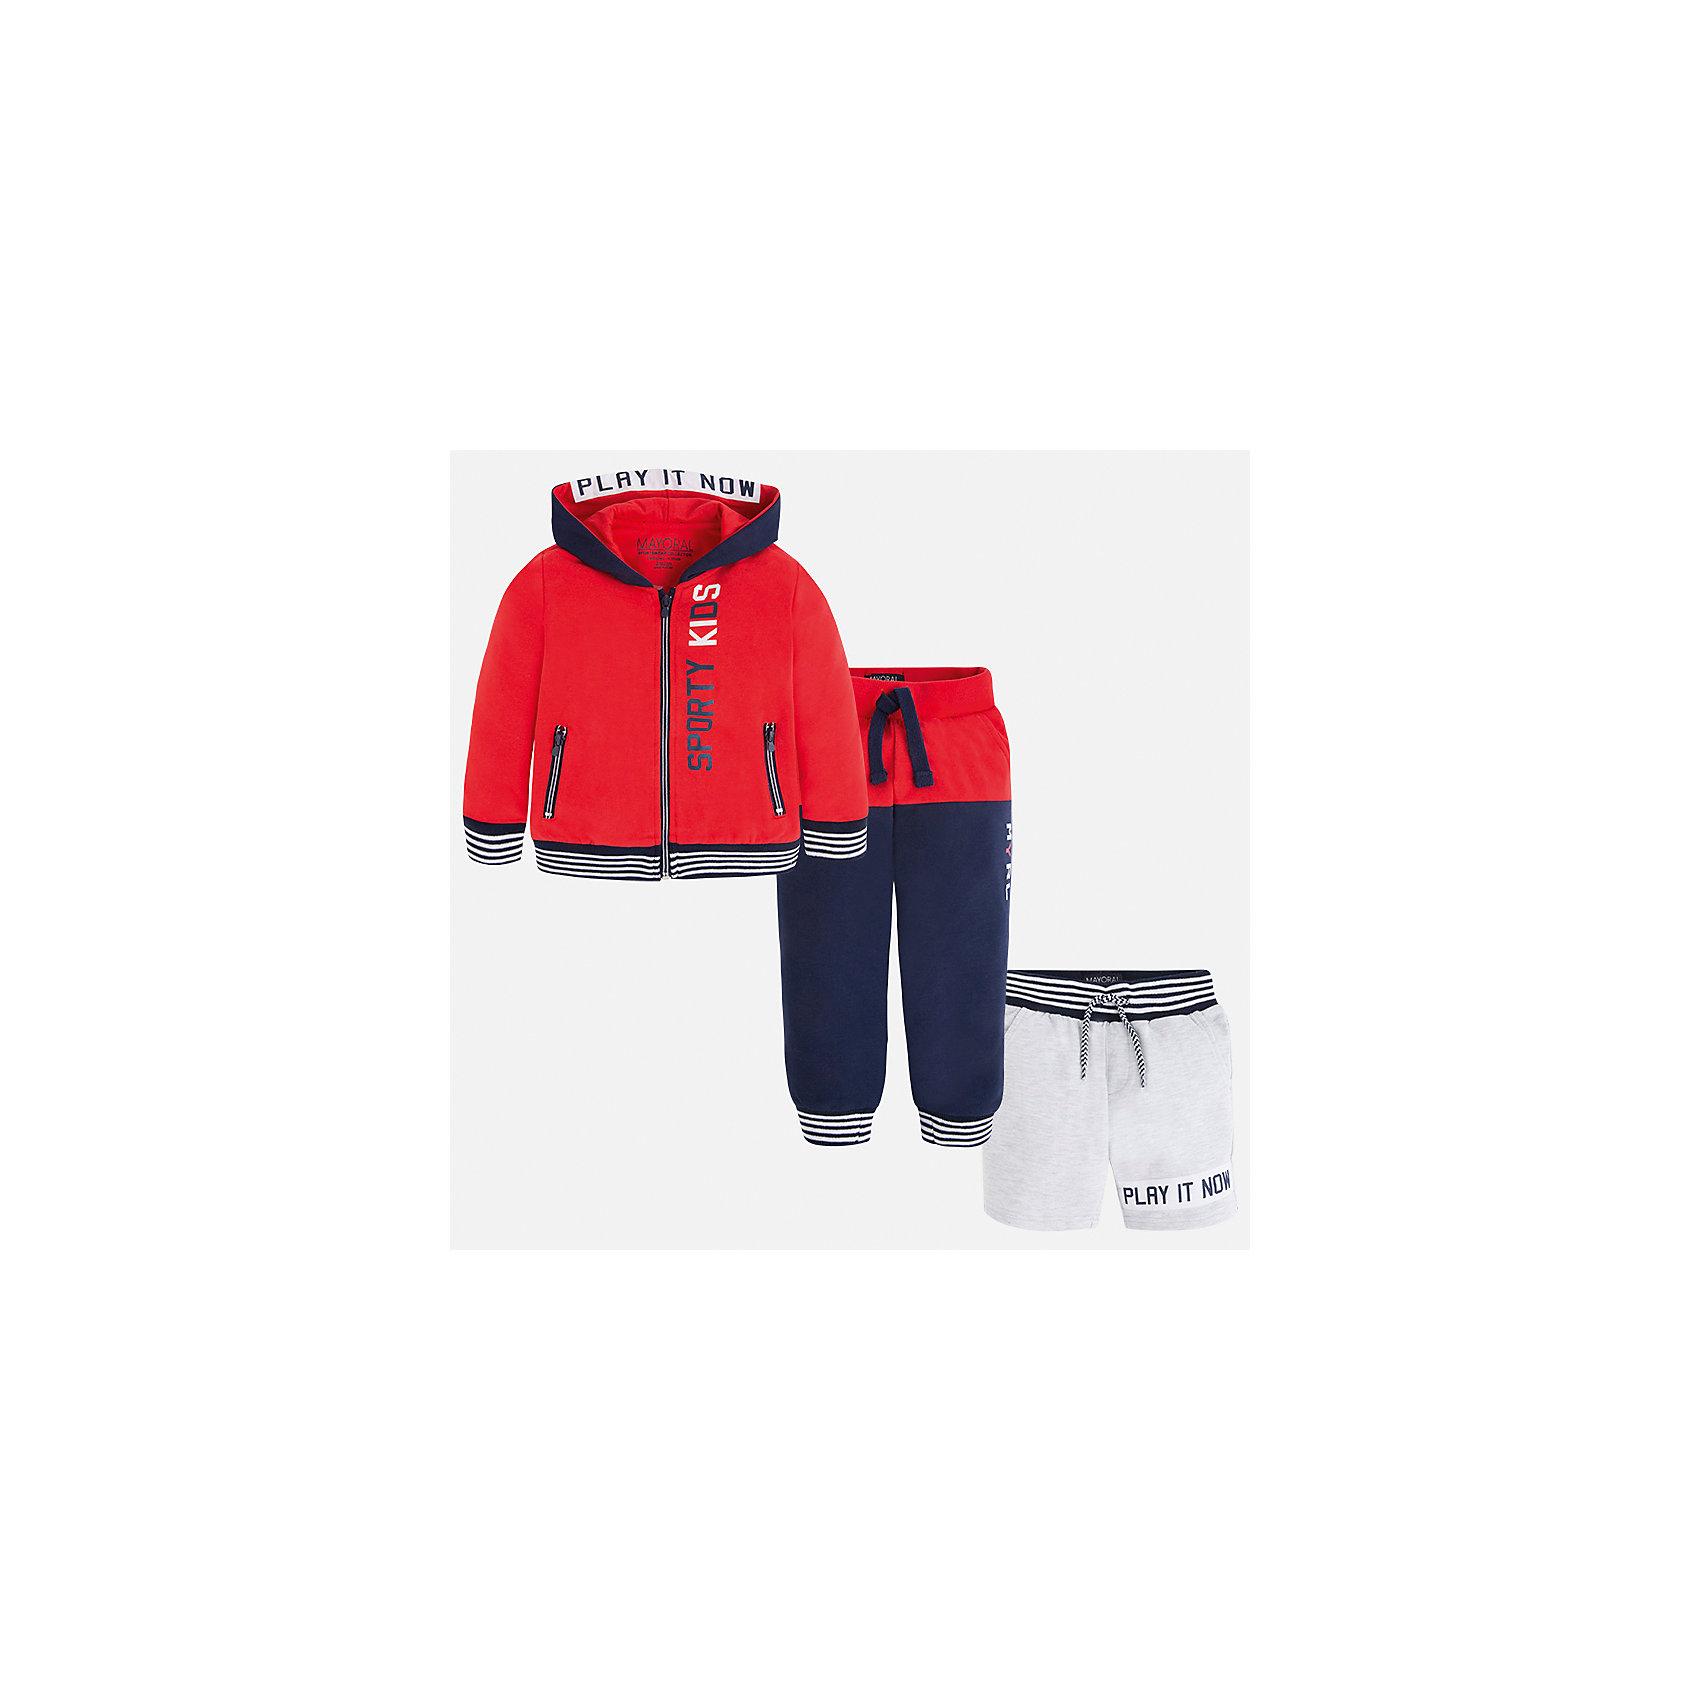 Спортивный костюм для мальчика MayoralКомплекты<br>Характеристики товара:<br><br>• цвет: красный/синий/серый<br>• состав: 60% хлопок, 40% полиэстер<br>• комплектация: курточка, штаны, шорты<br>• декорирован принтом<br>• карманы<br>• капюшон<br>• штаны, шорты - пояс на шнурке<br>• манжеты<br>• страна бренда: Испания<br><br>Стильный качественный спортивный костюм для мальчика поможет разнообразить гардероб ребенка и удобно одеться. Курточка, шорты и штаны отлично сочетаются с другими предметами. Универсальный цвет позволяет подобрать к вещам верхнюю одежду практически любой расцветки. Интересная отделка модели делает её нарядной и оригинальной. В составе материала - натуральный хлопок, гипоаллергенный, приятный на ощупь, дышащий.<br><br>Одежда, обувь и аксессуары от испанского бренда Mayoral полюбились детям и взрослым по всему миру. Модели этой марки - стильные и удобные. Для их производства используются только безопасные, качественные материалы и фурнитура. Порадуйте ребенка модными и красивыми вещами от Mayoral! <br><br>Спортивный костюм для мальчика от испанского бренда Mayoral (Майорал) можно купить в нашем интернет-магазине.<br><br>Ширина мм: 247<br>Глубина мм: 16<br>Высота мм: 140<br>Вес г: 225<br>Цвет: розовый<br>Возраст от месяцев: 18<br>Возраст до месяцев: 24<br>Пол: Мужской<br>Возраст: Детский<br>Размер: 92,134,128,122,116,110,104,98<br>SKU: 5281207